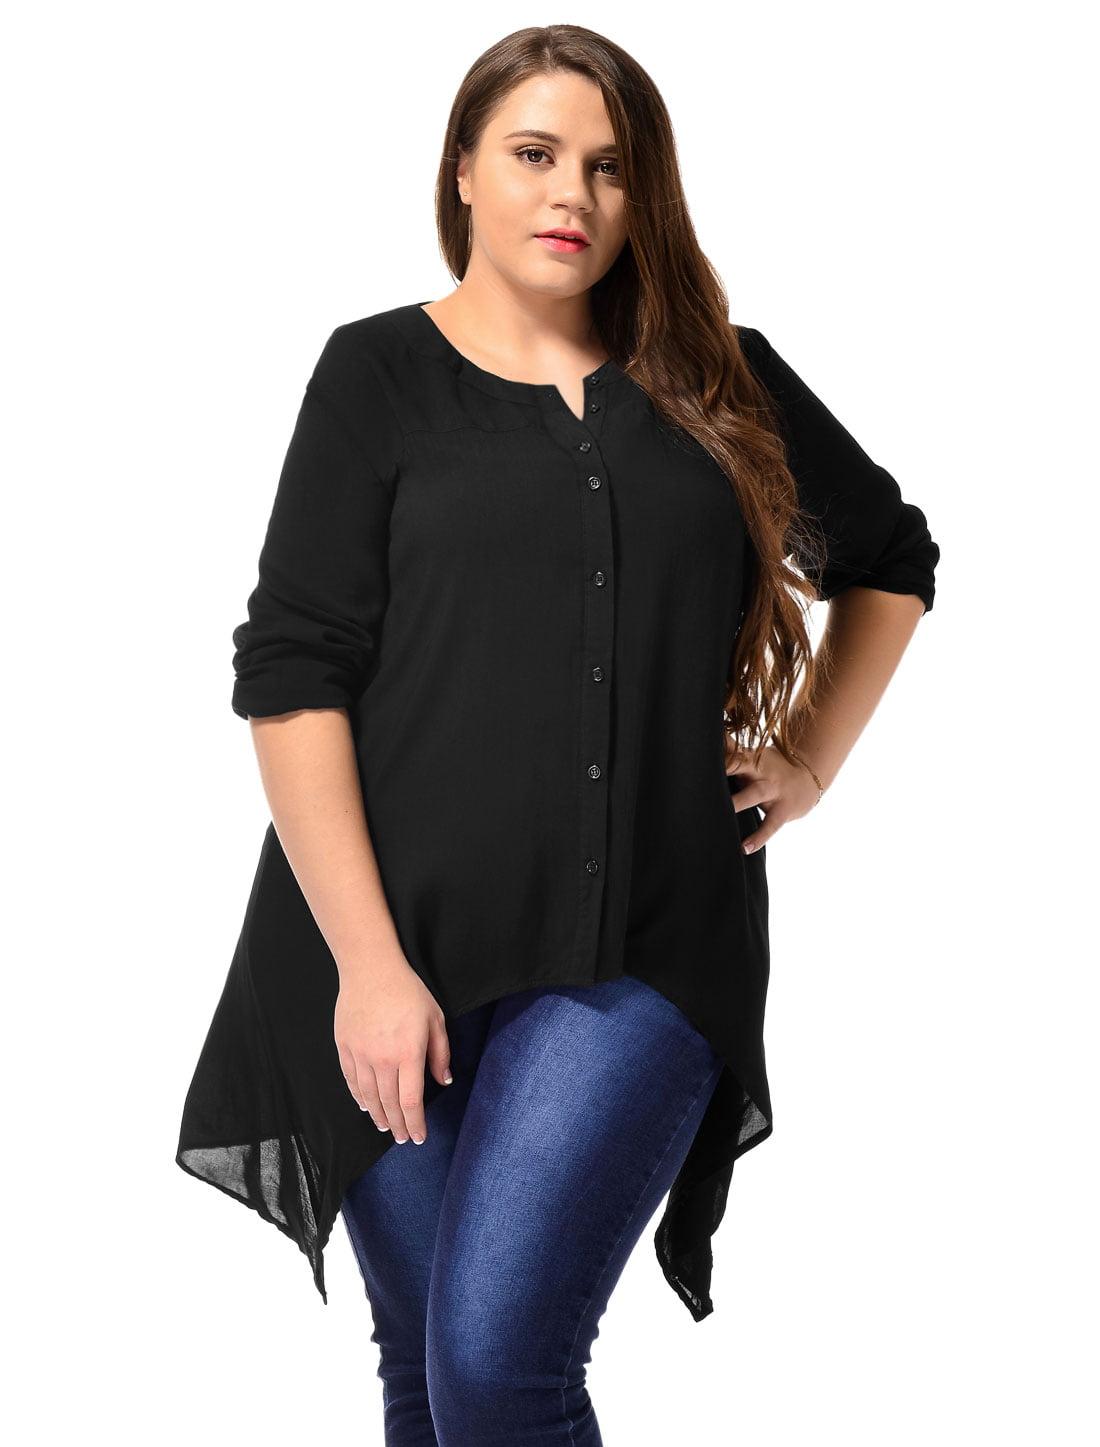 Unique Bargains Women's Long Sleeve Button Down Plus Size Casual Blouse Tunic Shirt Black (Size 3X)